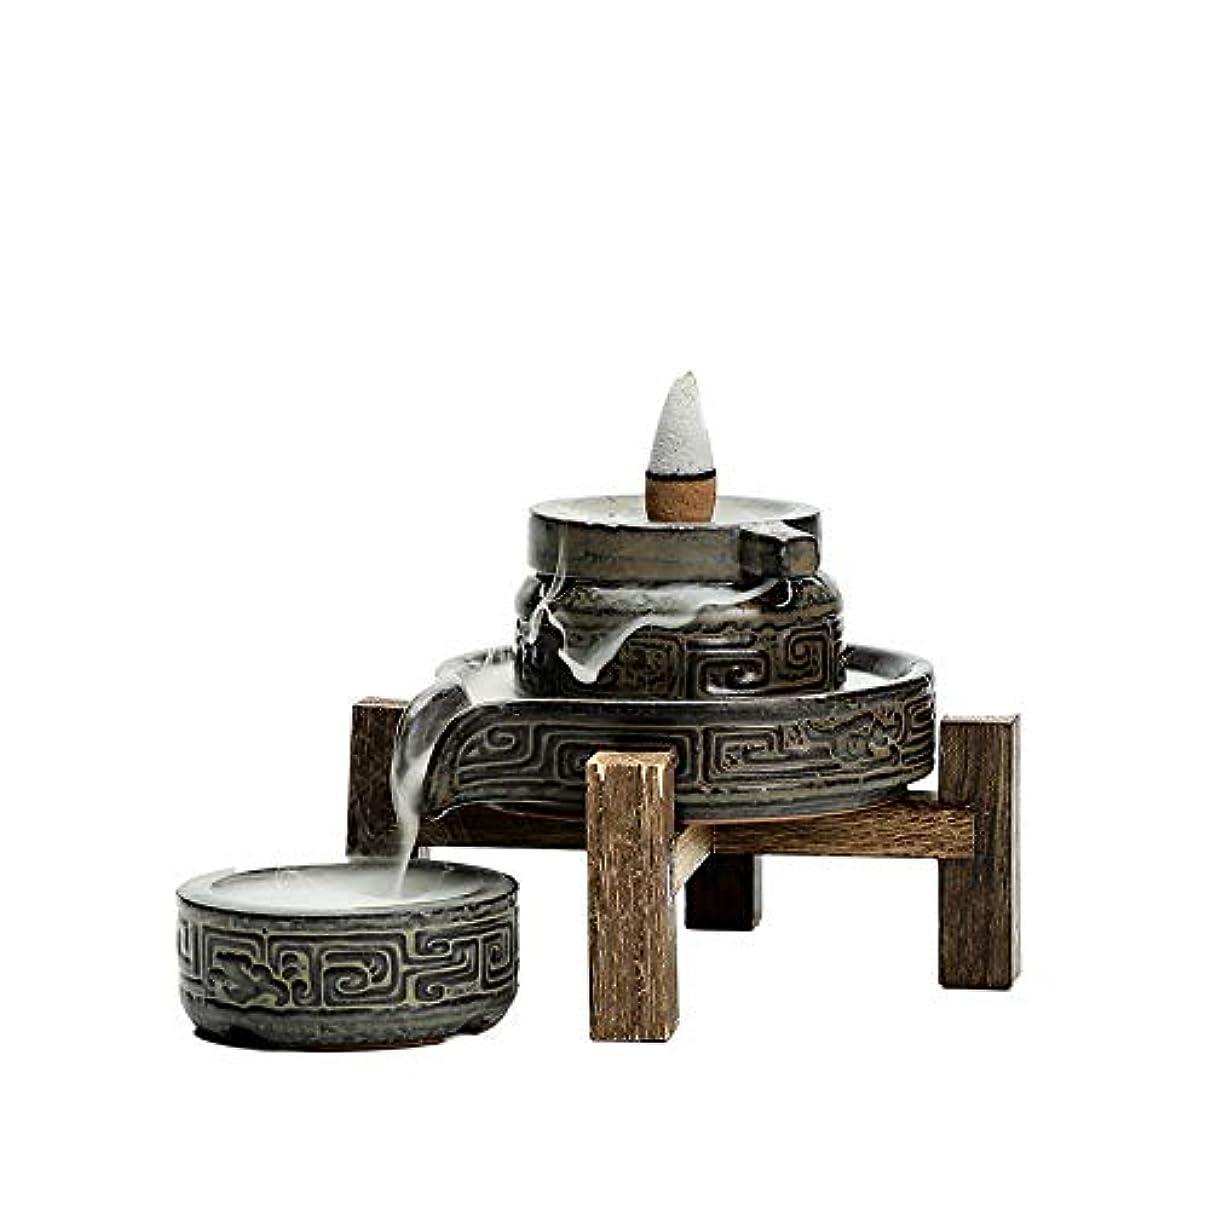 殺しますグリルマーティフィールディングPHILOGOD 香炉 陶器ストーンミルモデリング逆流香炉 香立て 手作りの装飾 香皿